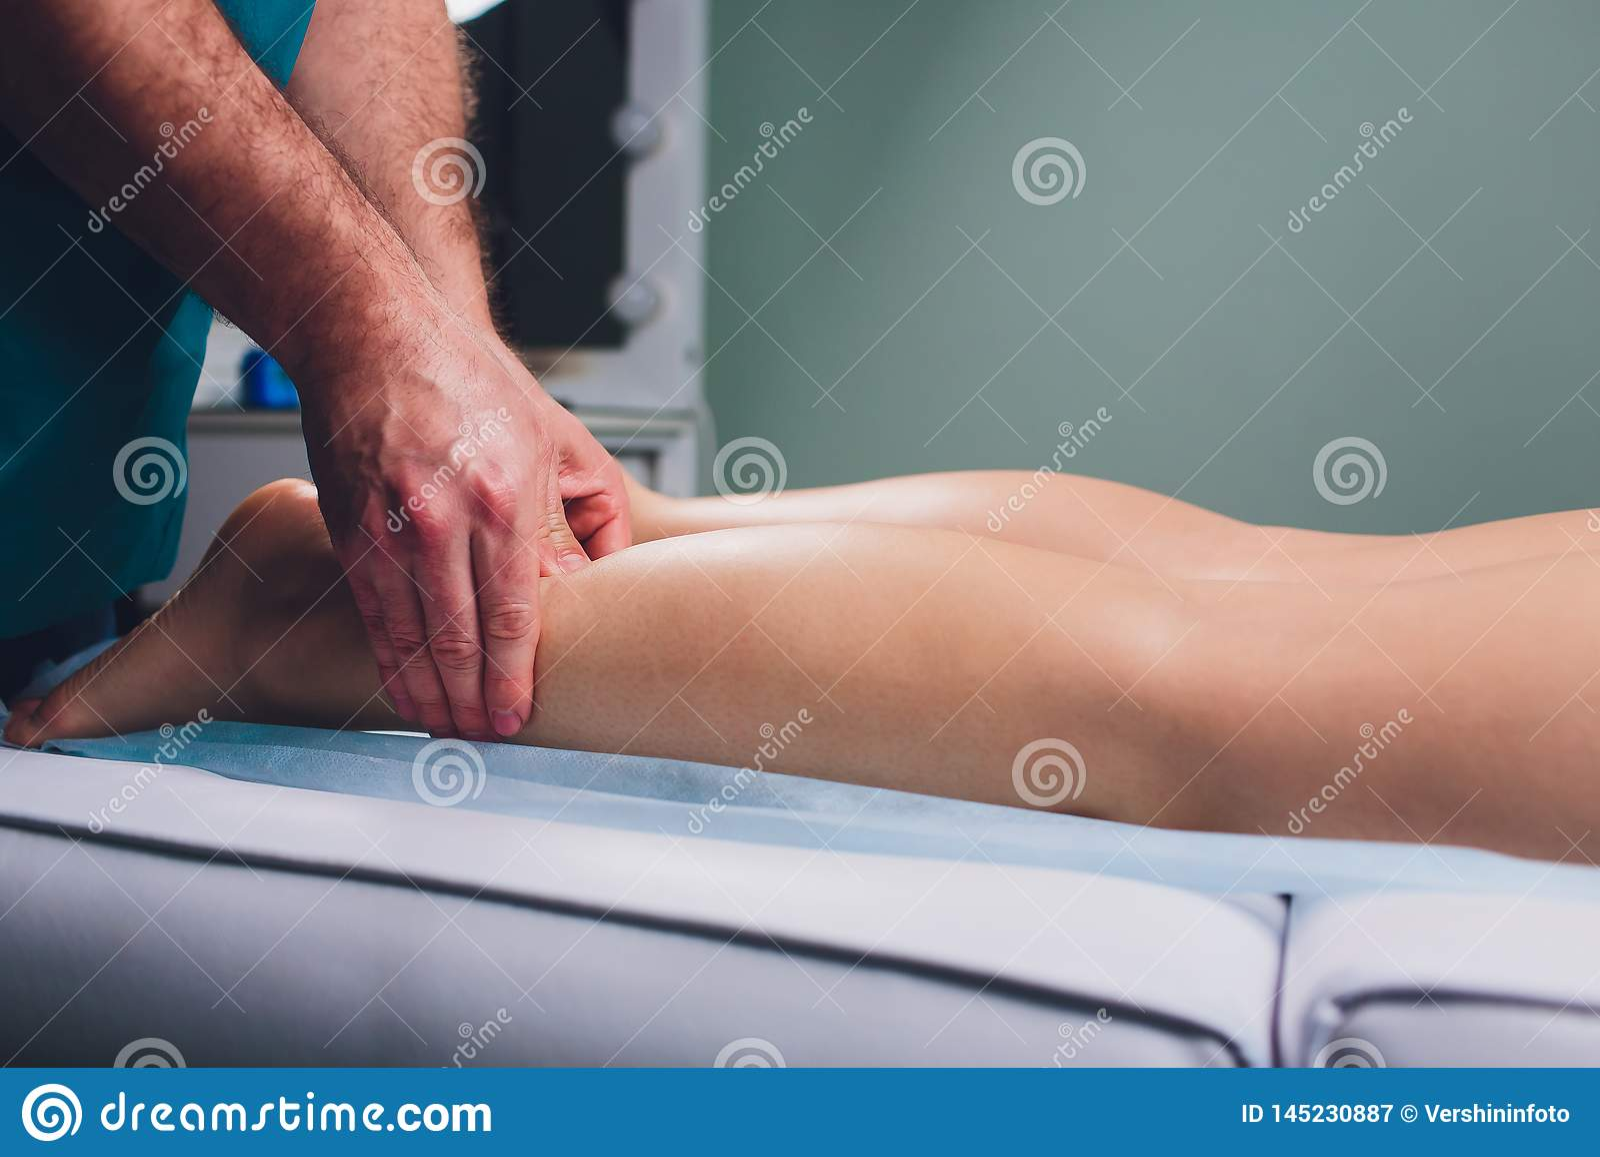 Αντι -αντι-cellulite μασάζ στα πόδια των νέων γυναικών